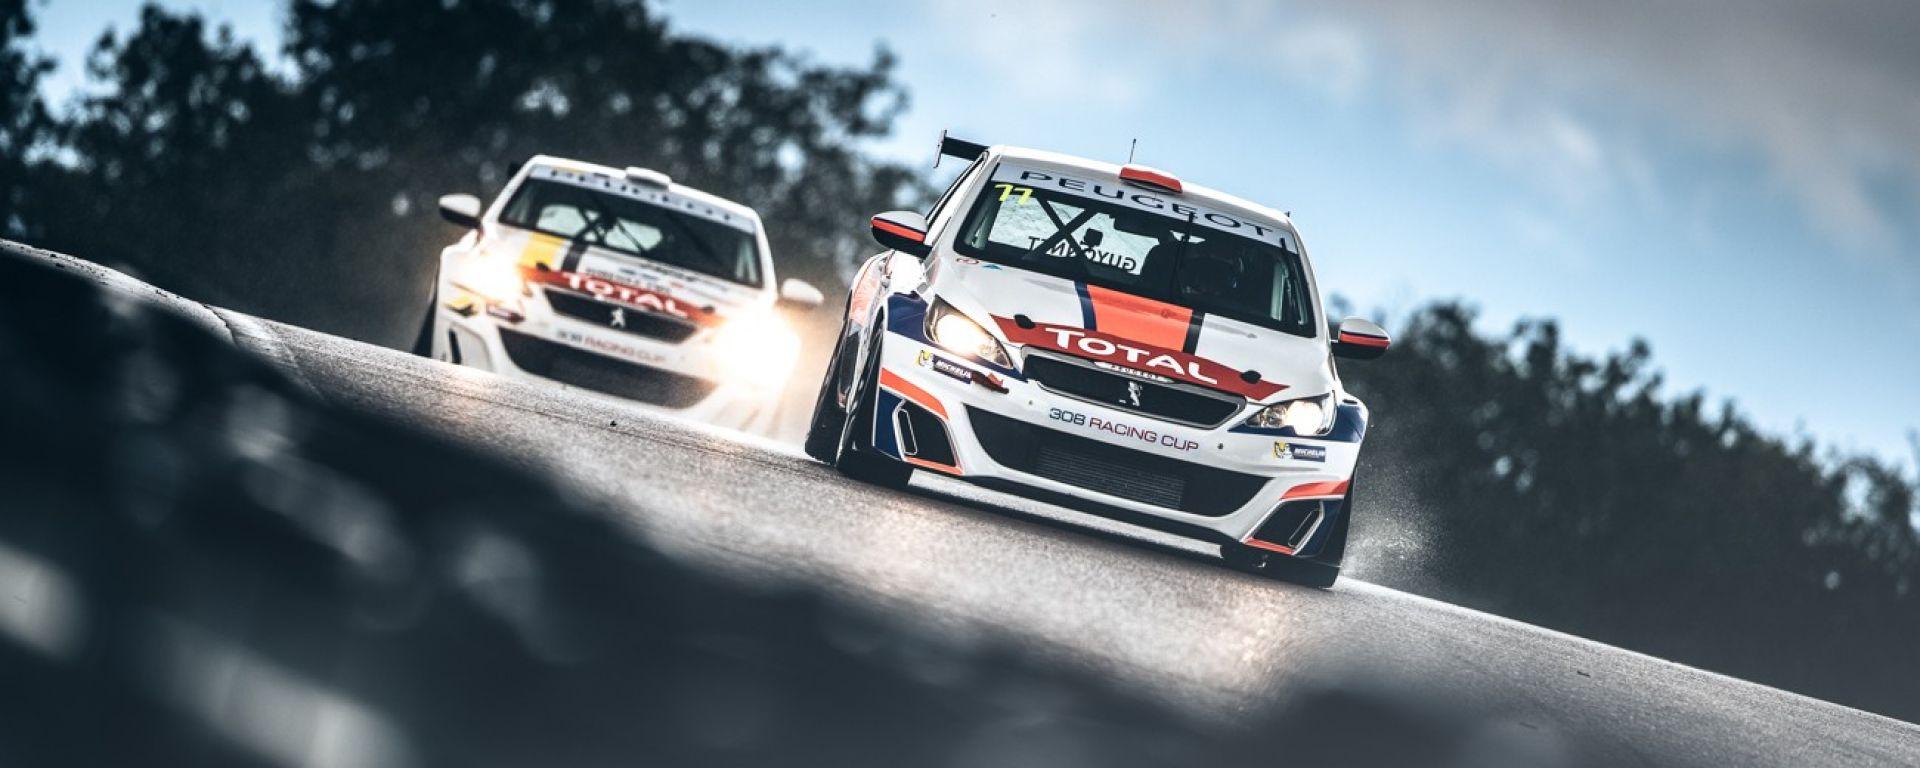 308 Racing Cup 2018: ecco il campionato monomarca Peugeot